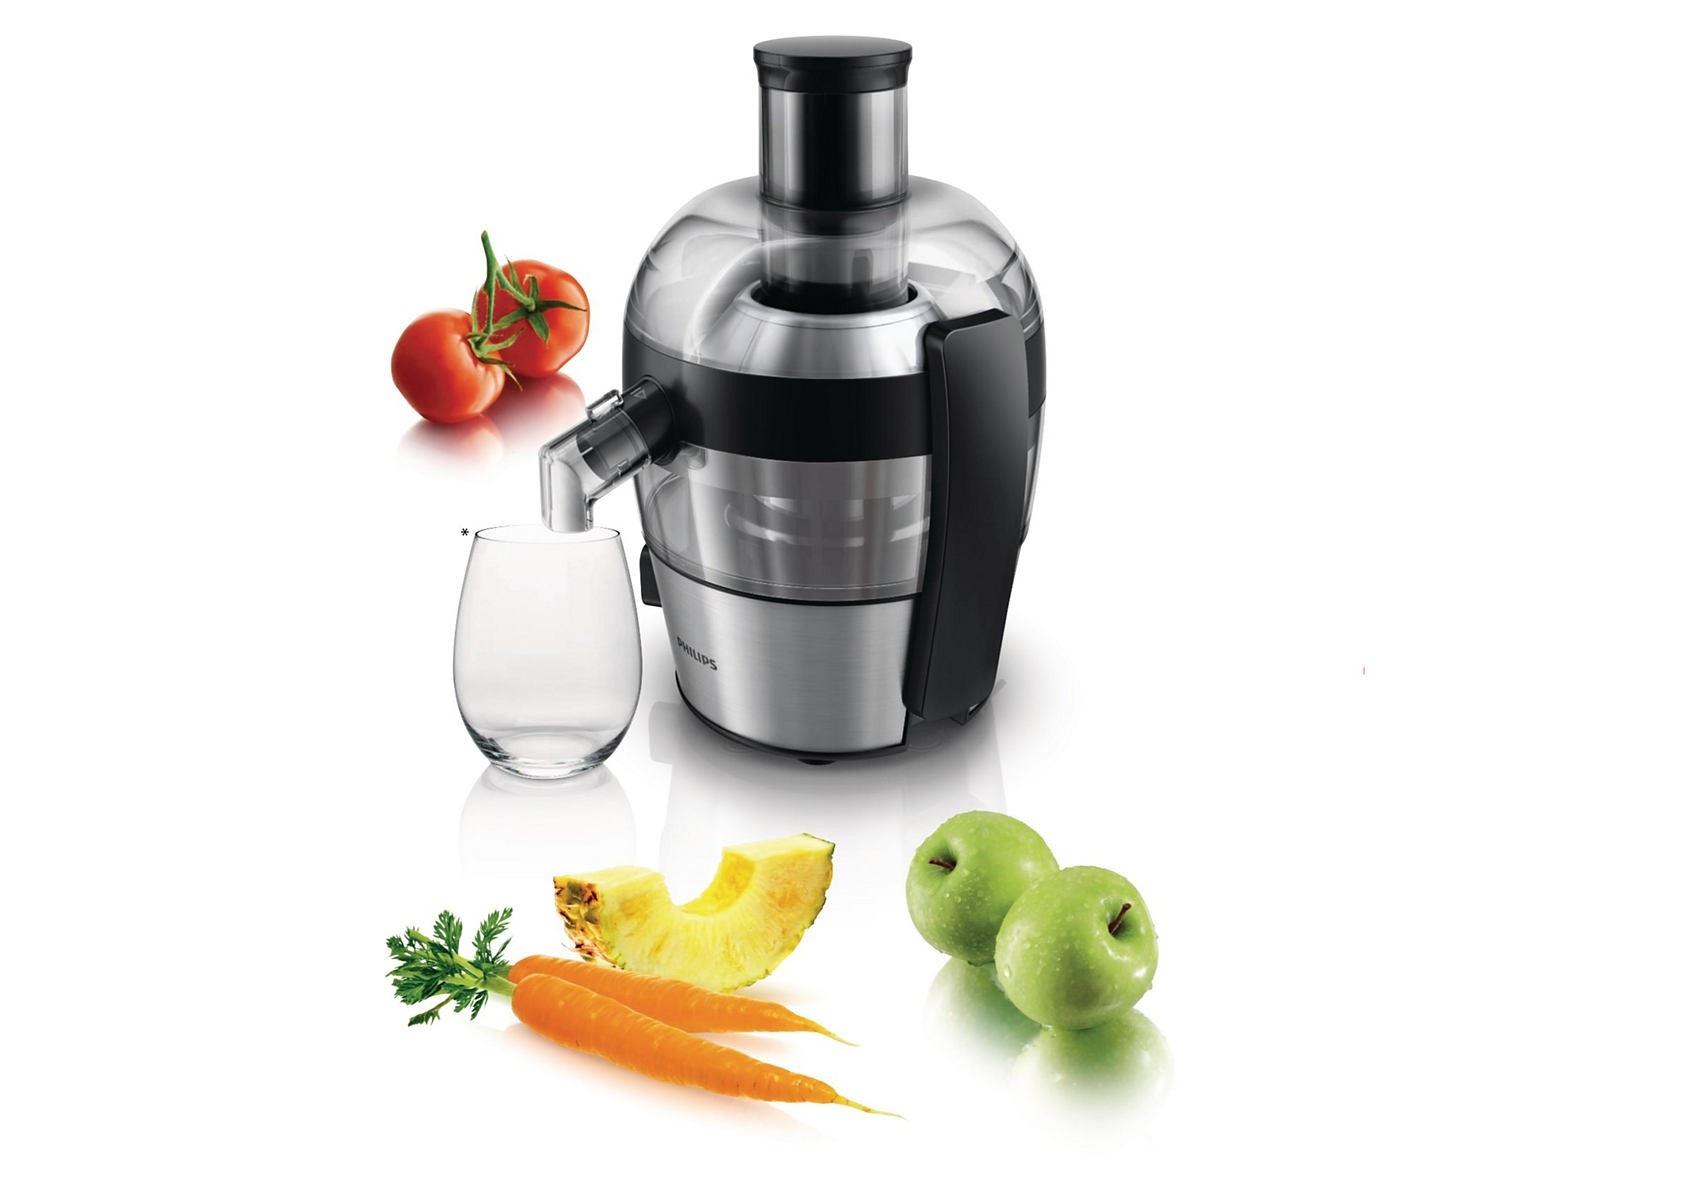 Phần nước sẽ có hương vị ngon hơn rất nhiều khi uống so với nước hoa quả xay từ máy xay sinh tố